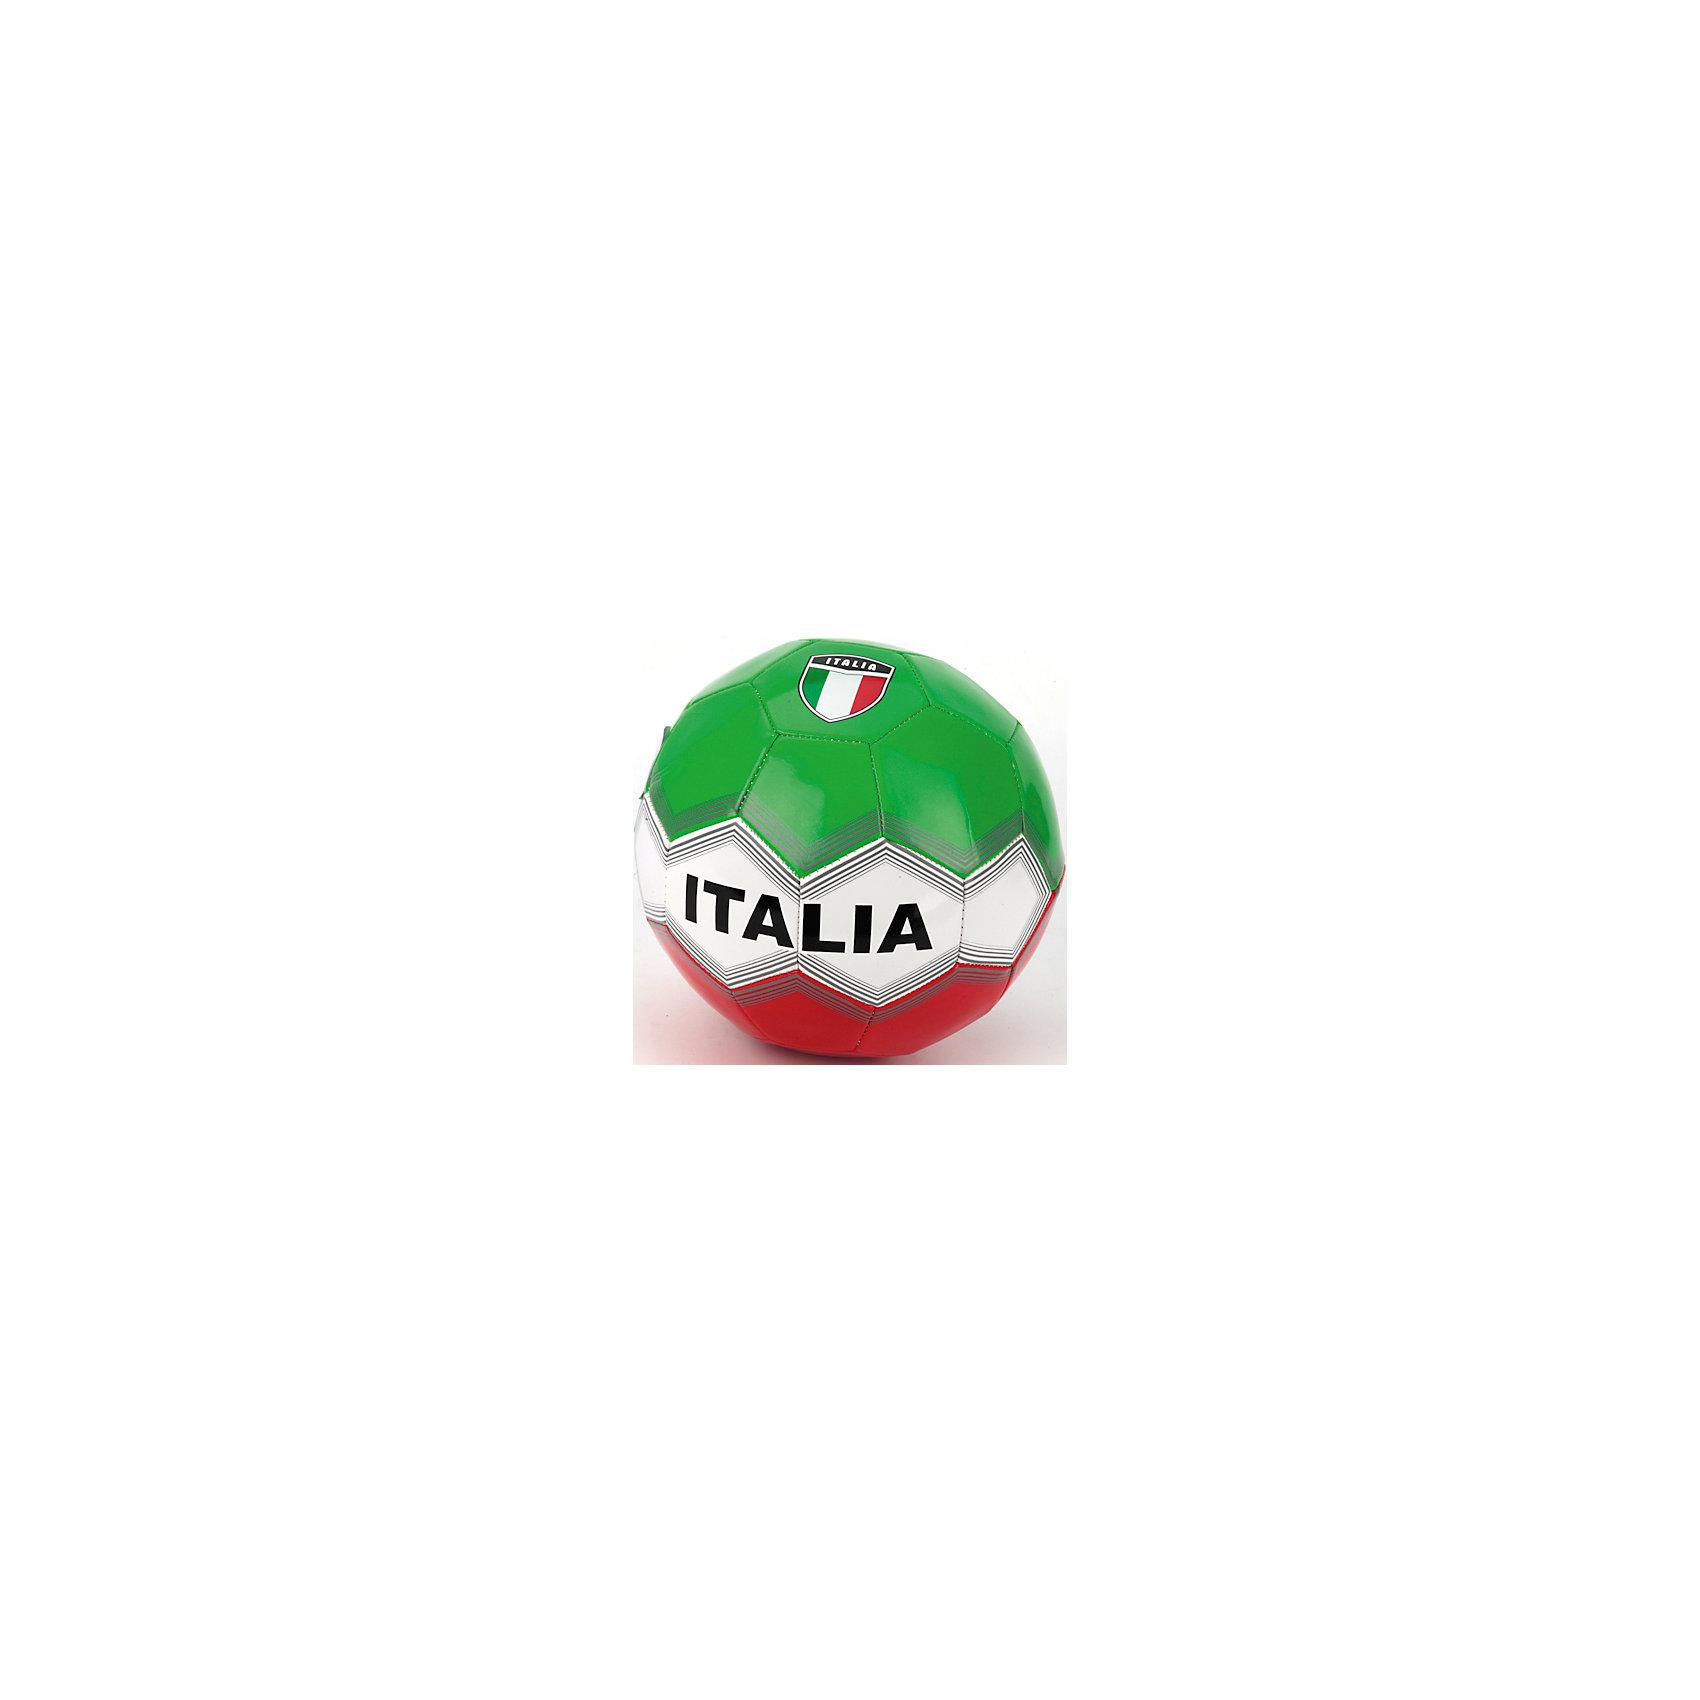 Футбольный мячСборная Италии, Атлетик, зеленый, красныйМячи детские<br>Характеристики товара:<br><br>• цвет: зеленый, белый, красный<br>• дизайн: Сборная Италии<br>• вид спорта: футбол<br>• материал: ПВХ<br>• 1 слой<br>• вес: 270гр<br><br>Футбольный мяч Сборная Италии, Атлетик можно приобрести в нашем интернет-магазине.<br><br>Ширина мм: 230<br>Глубина мм: 230<br>Высота мм: 230<br>Вес г: 280<br>Возраст от месяцев: 36<br>Возраст до месяцев: 96<br>Пол: Мужской<br>Возраст: Детский<br>SKU: 5528143